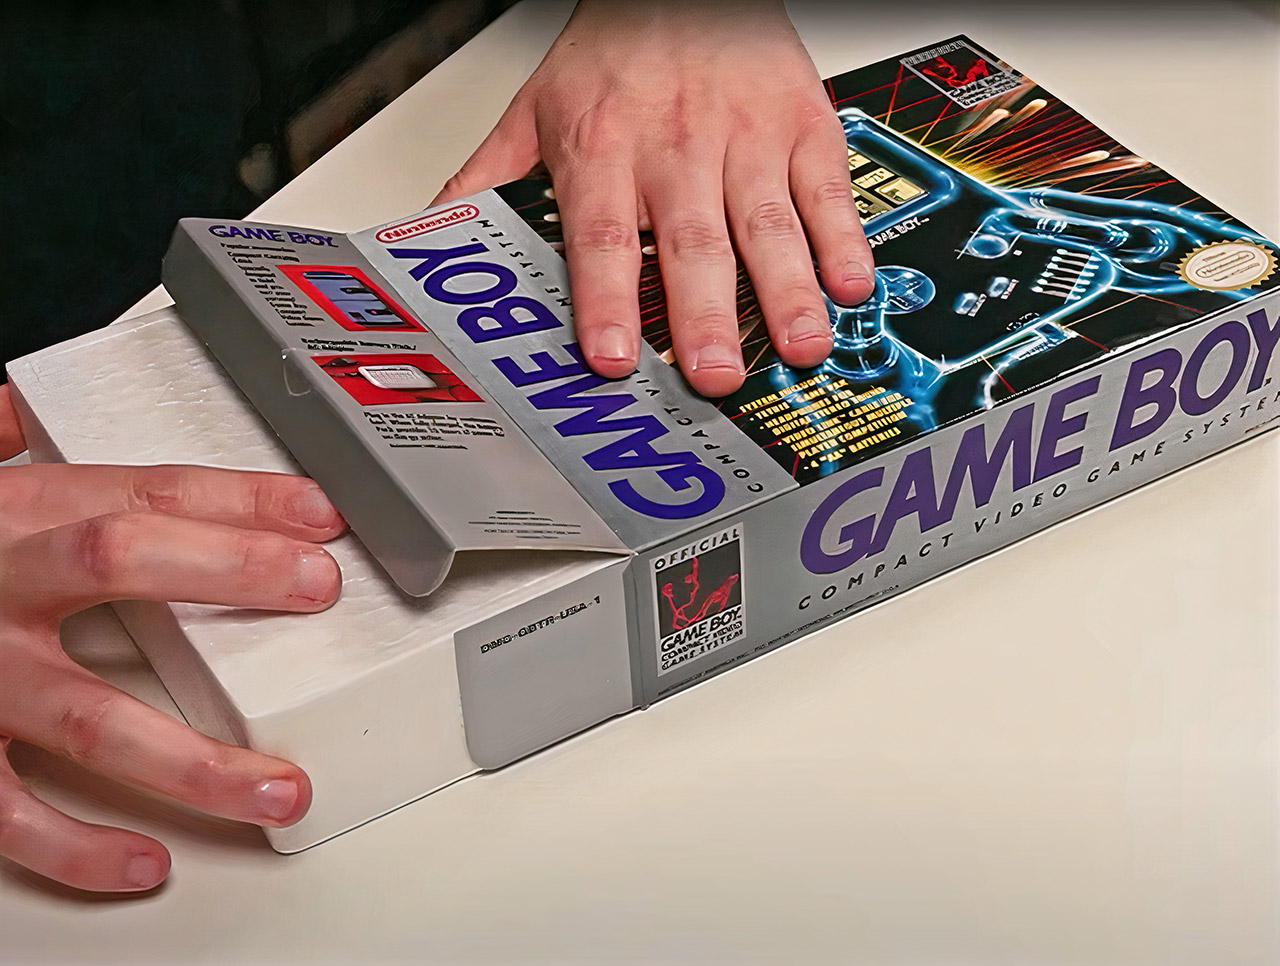 Sealed Nintendo Game Boy 1989 Unboxing